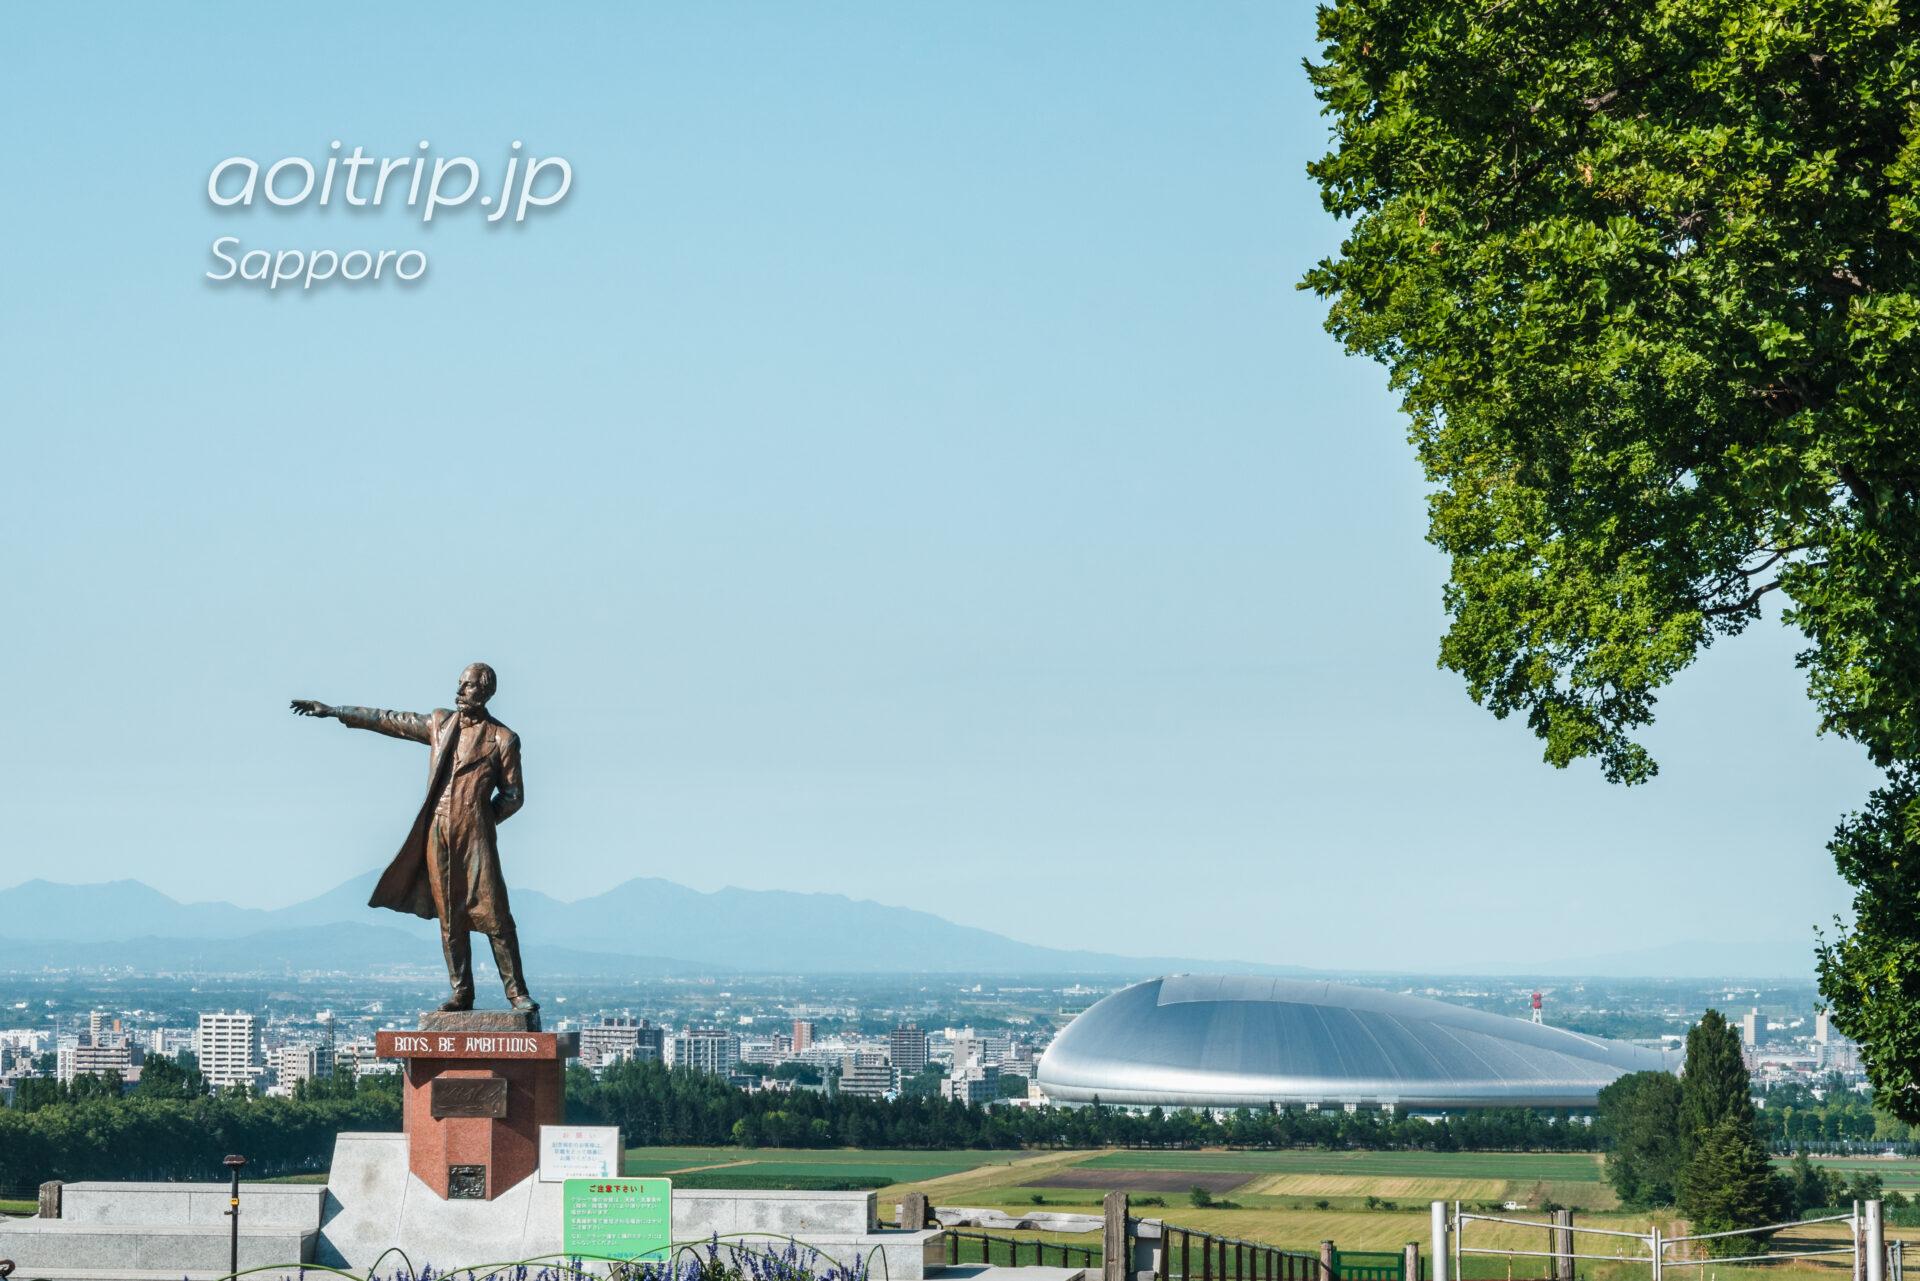 さっぽろ羊ヶ丘展望台 クラーク博士像と札幌ドーム